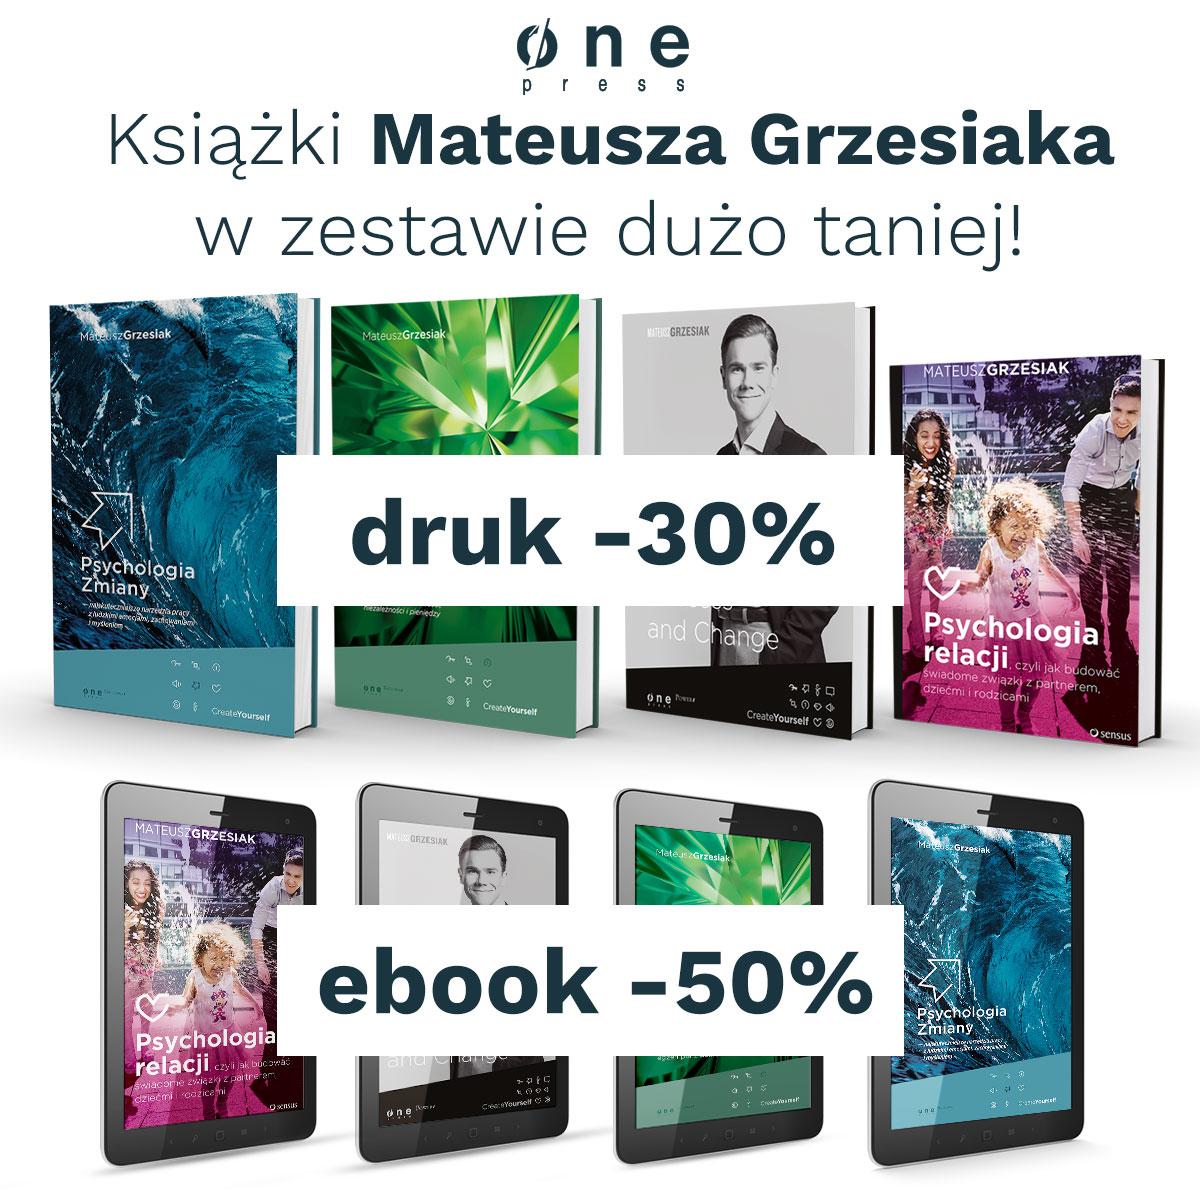 KsiążkI Mateusza Grzesiaka -30/50% zestaw @ Onepress